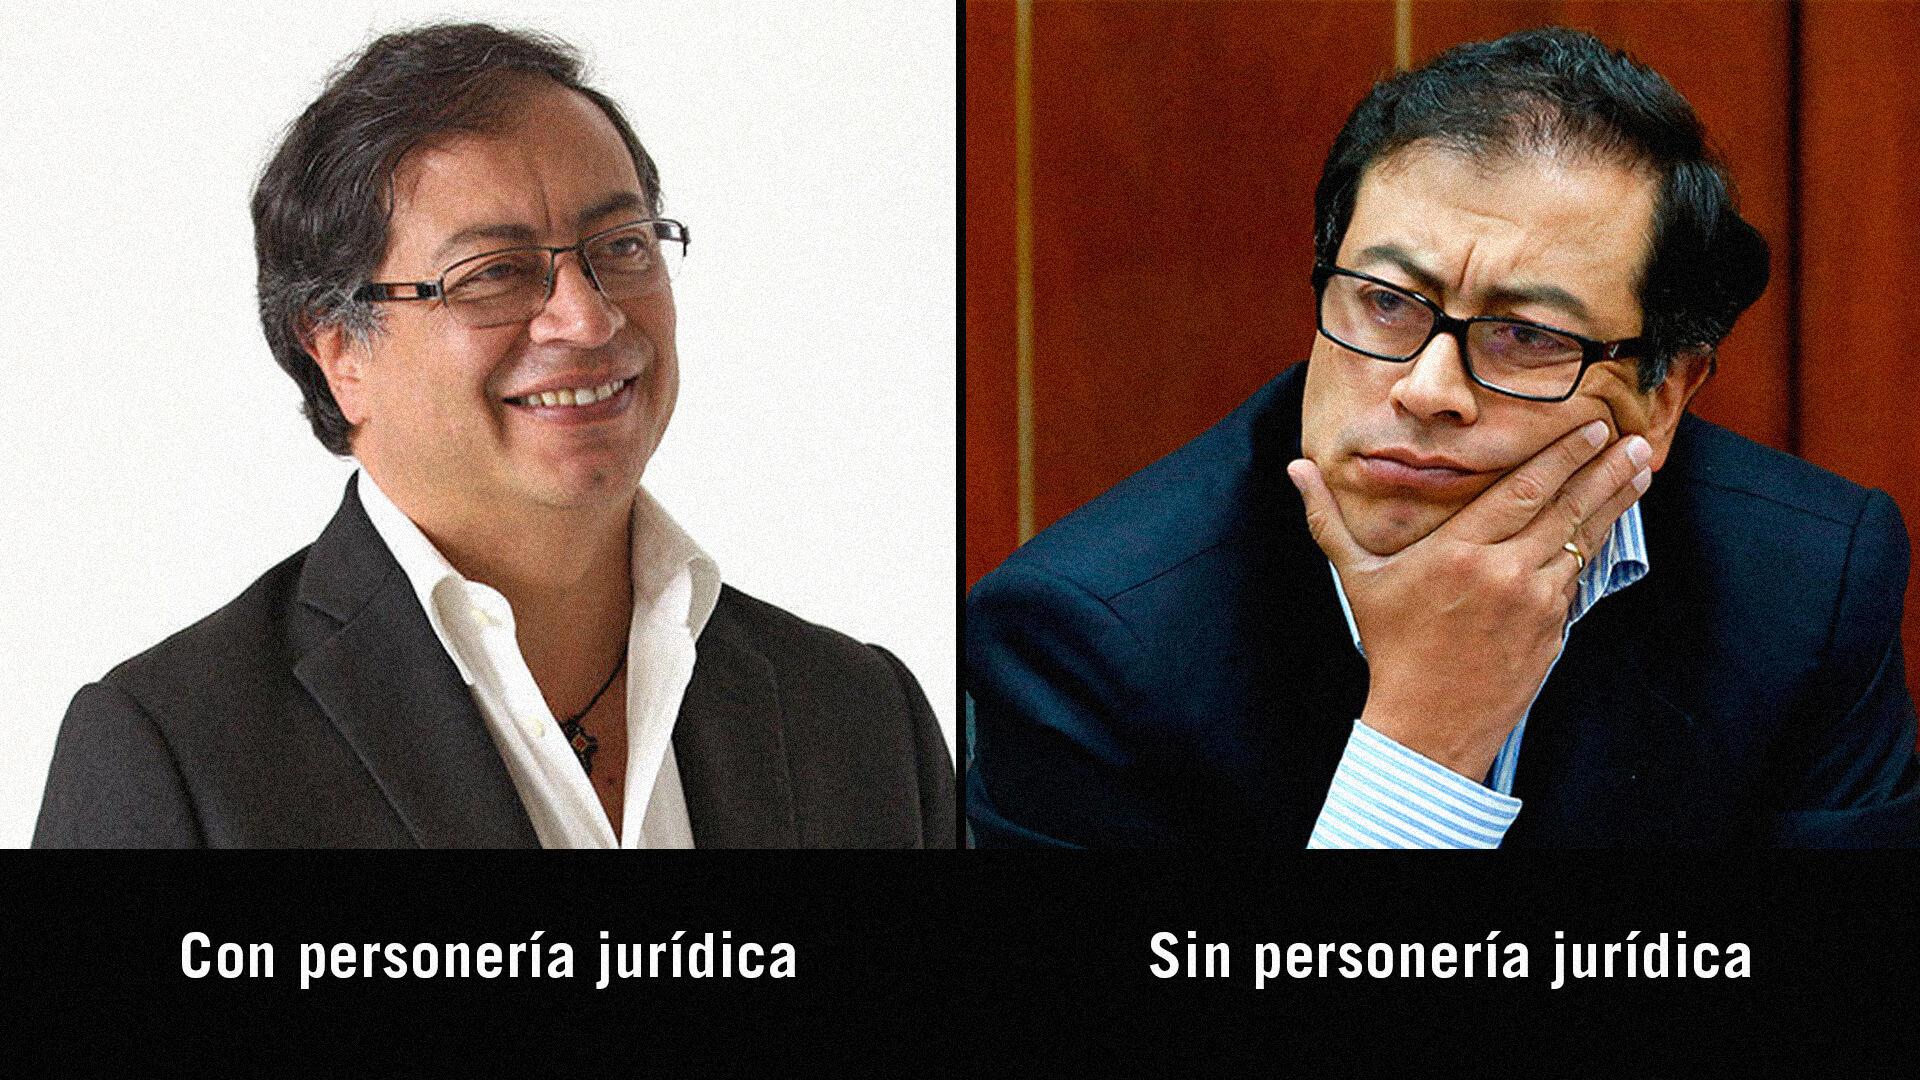 ¿Qué es eso de la 'personería jurídica' que tiene tan bravo a Gustavo Petro?